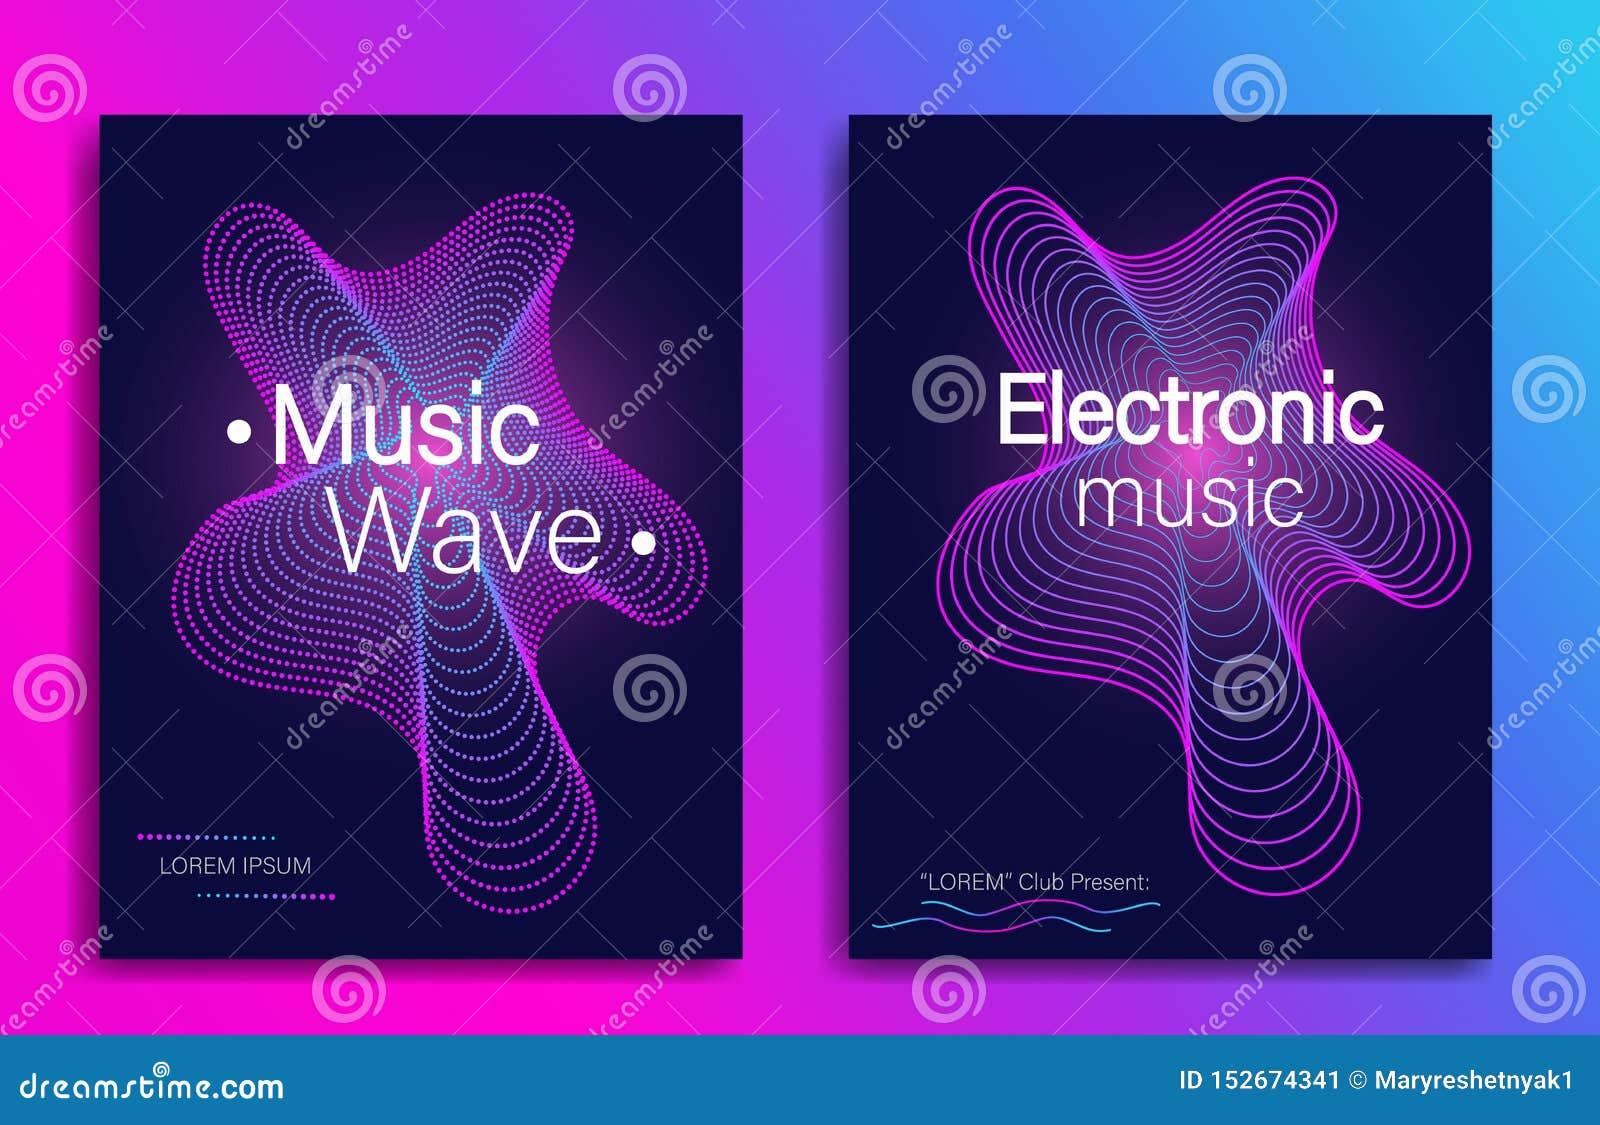 Dynamische gradiëntvorm Het ontwerp van de muziekvlieger met de abstracte golven van de gradiëntlijn Elektronische muziekpartij M